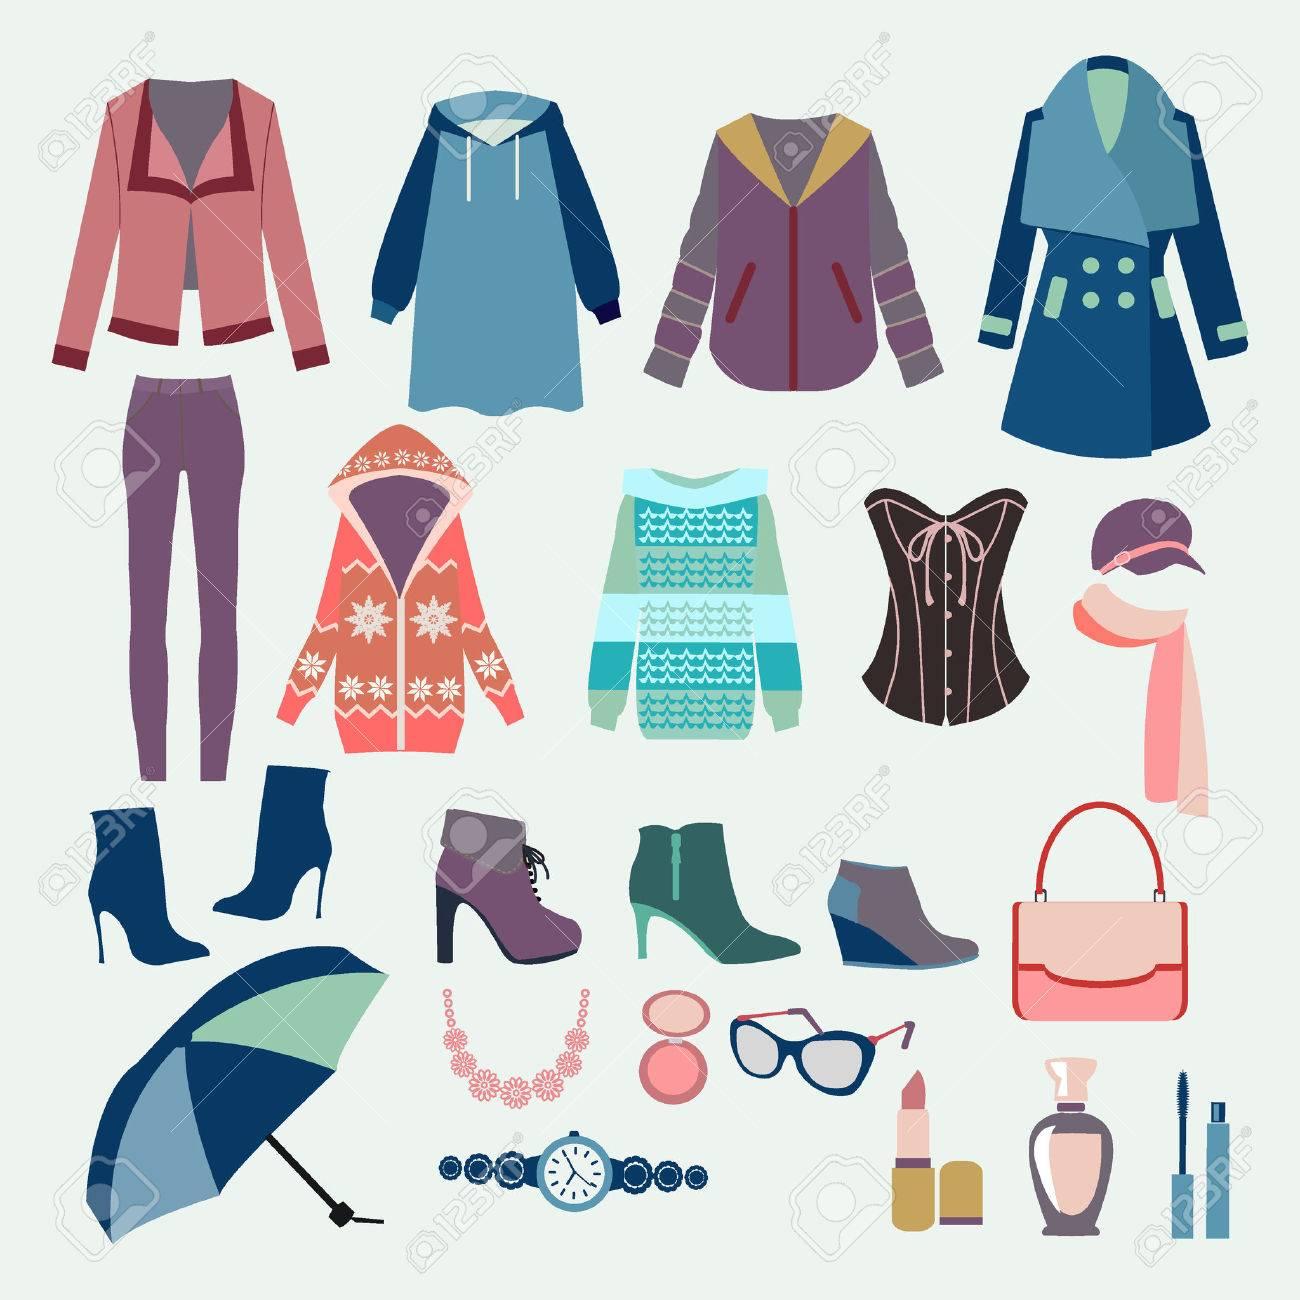 984f74b21c20 Vector de fondo con la colección de ropa de invierno y accesorios para ver  el diseño de moda. Mujer ropa de colección para el diseño de la boutique de  ...